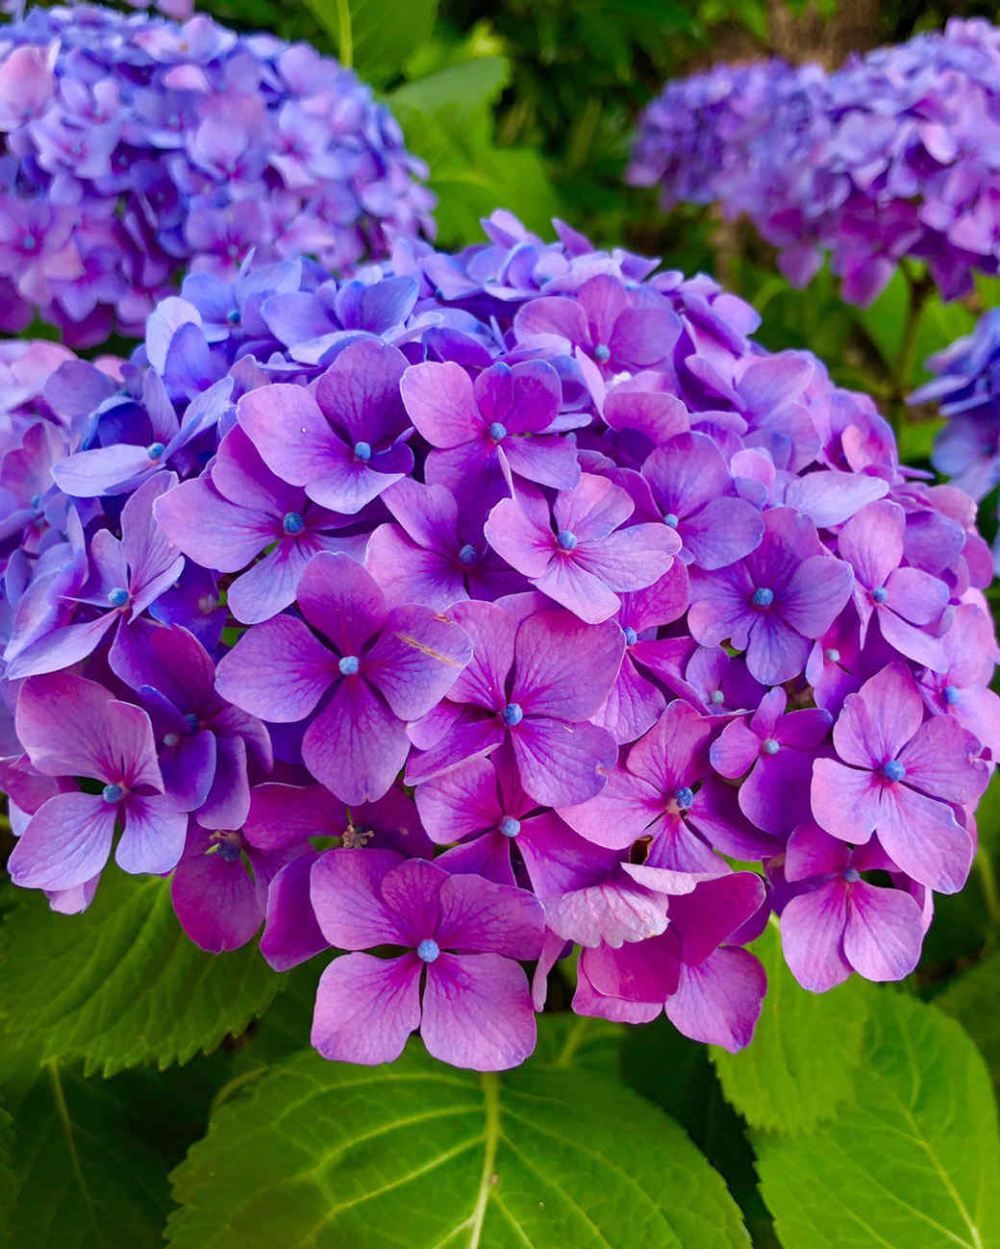 How To Prune Hydrangeas Hydrangea Flower Hydrangea Care Beautiful Flowers